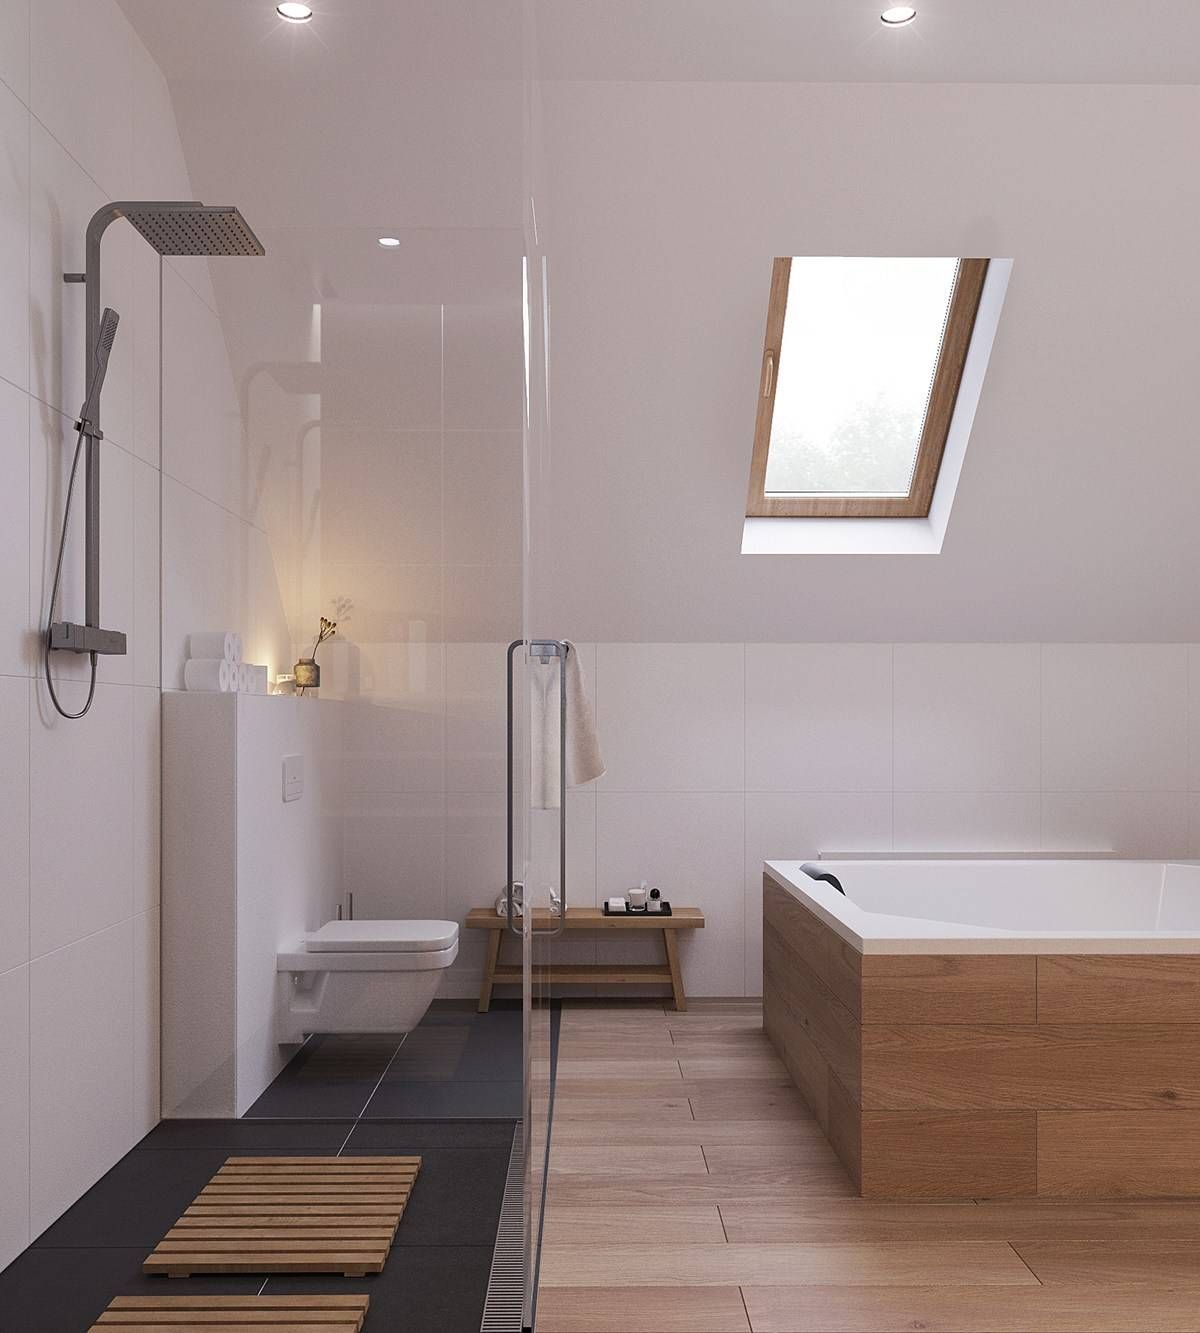 Stile E Interior Design Italiani A Londra: Originale Appartamento Stile Scandinavo Moderno. Design